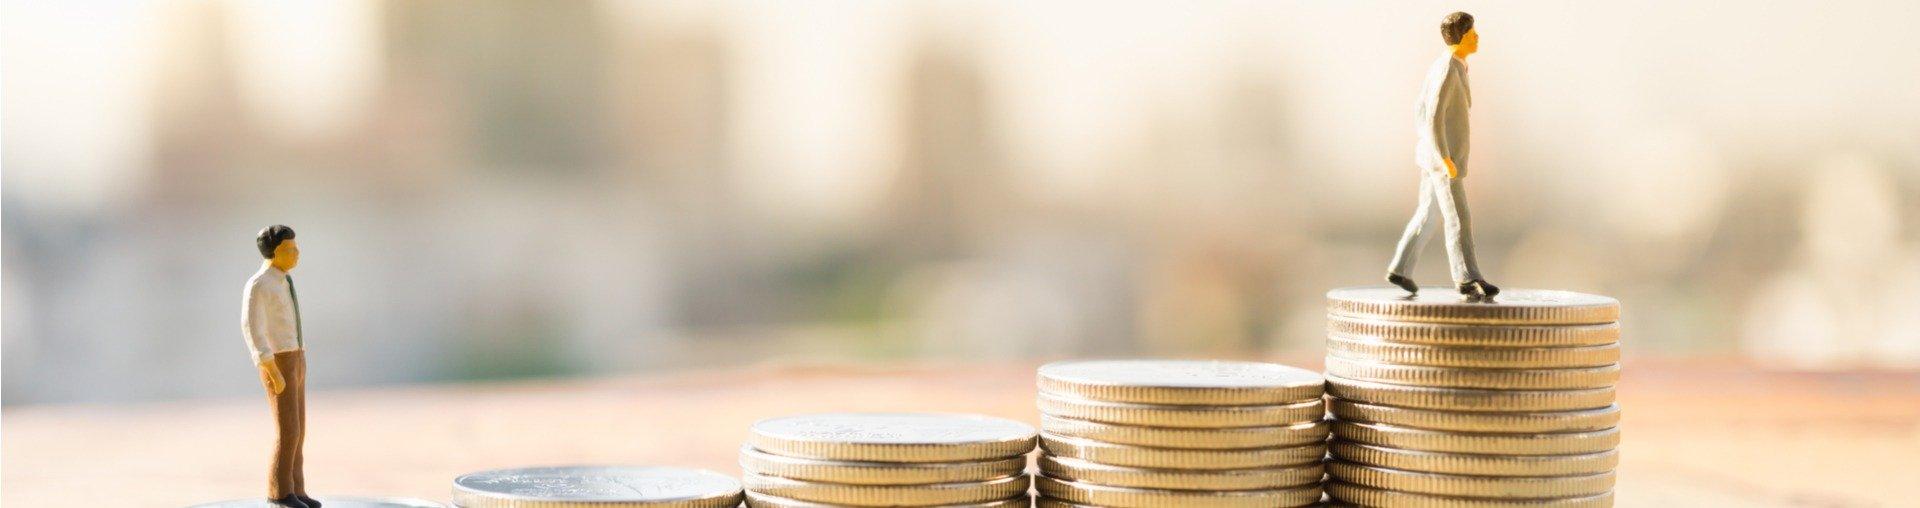 Salariul mediu net pe economie